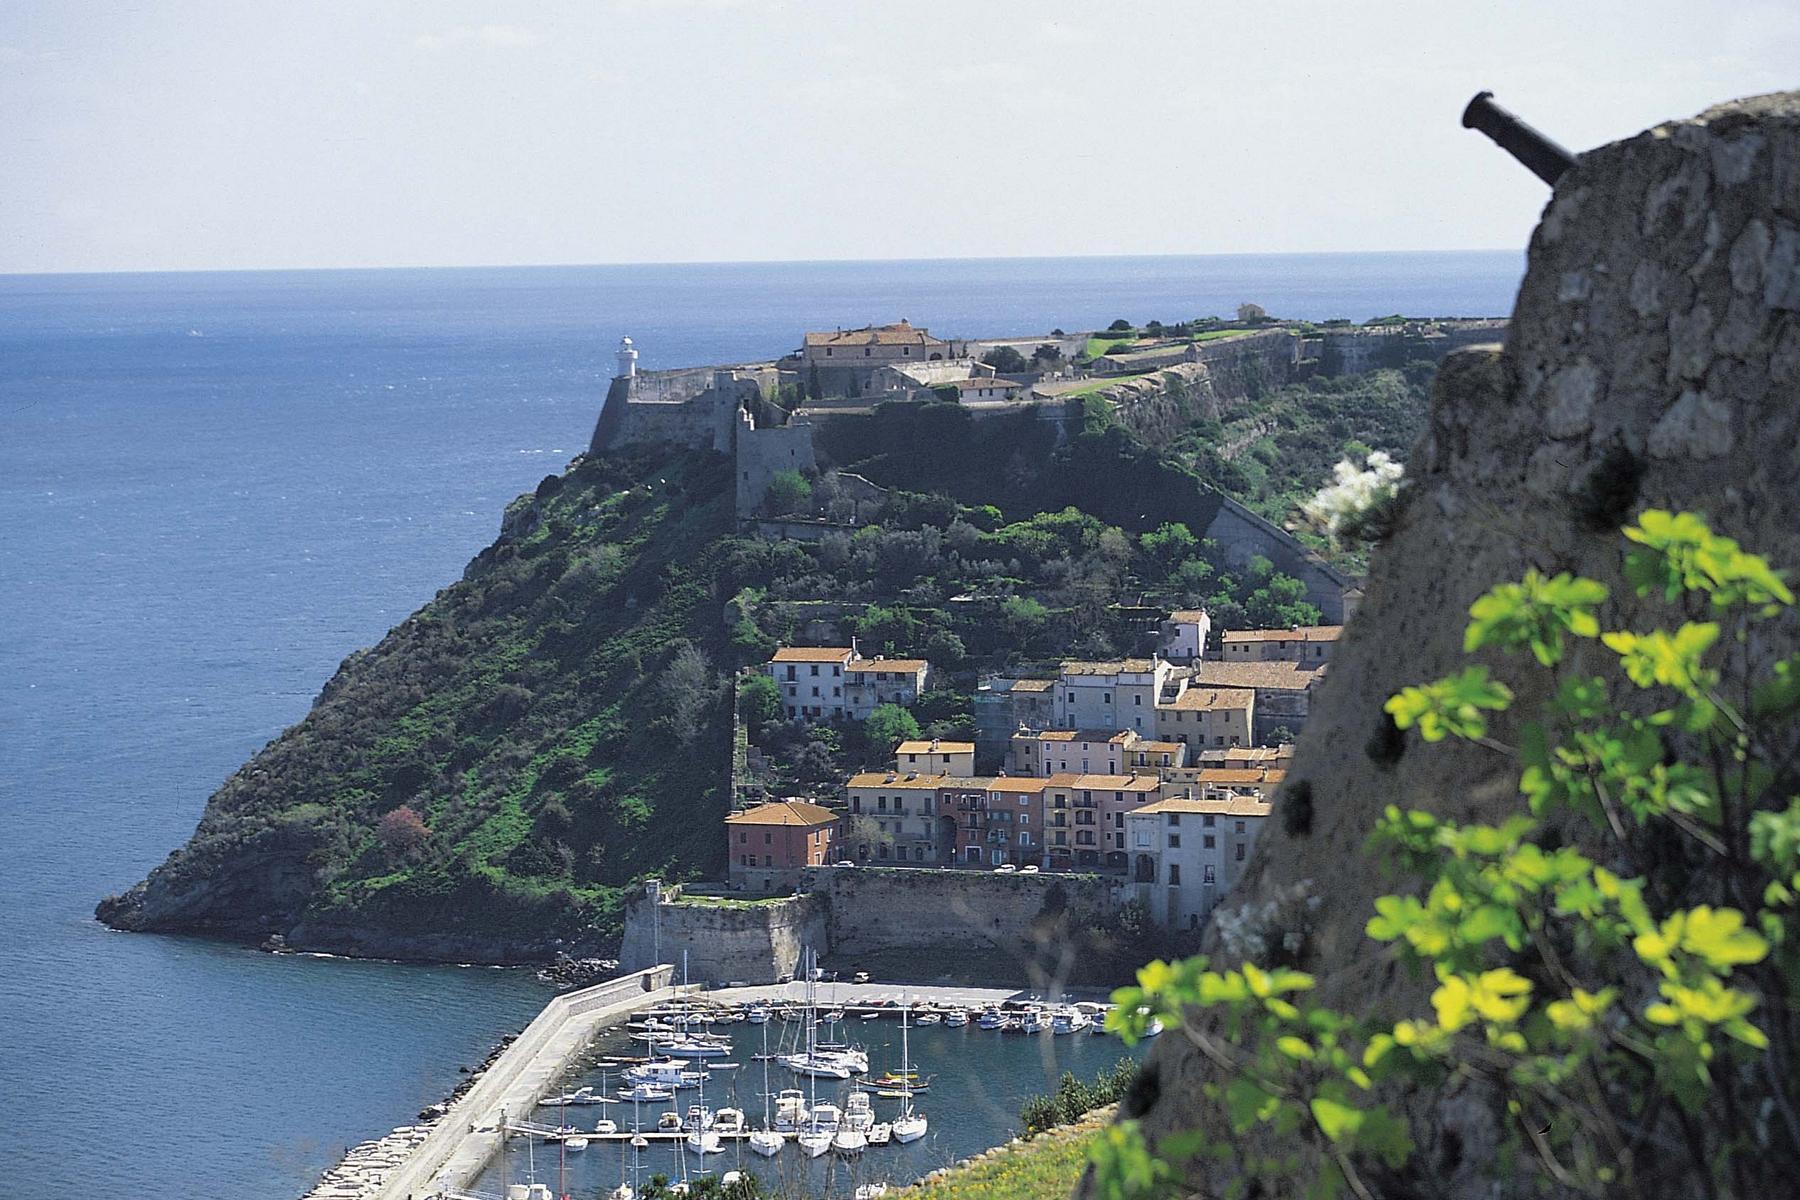 Magnifique villa avec vue imprenable sur le lagon d'Orbetello - 17